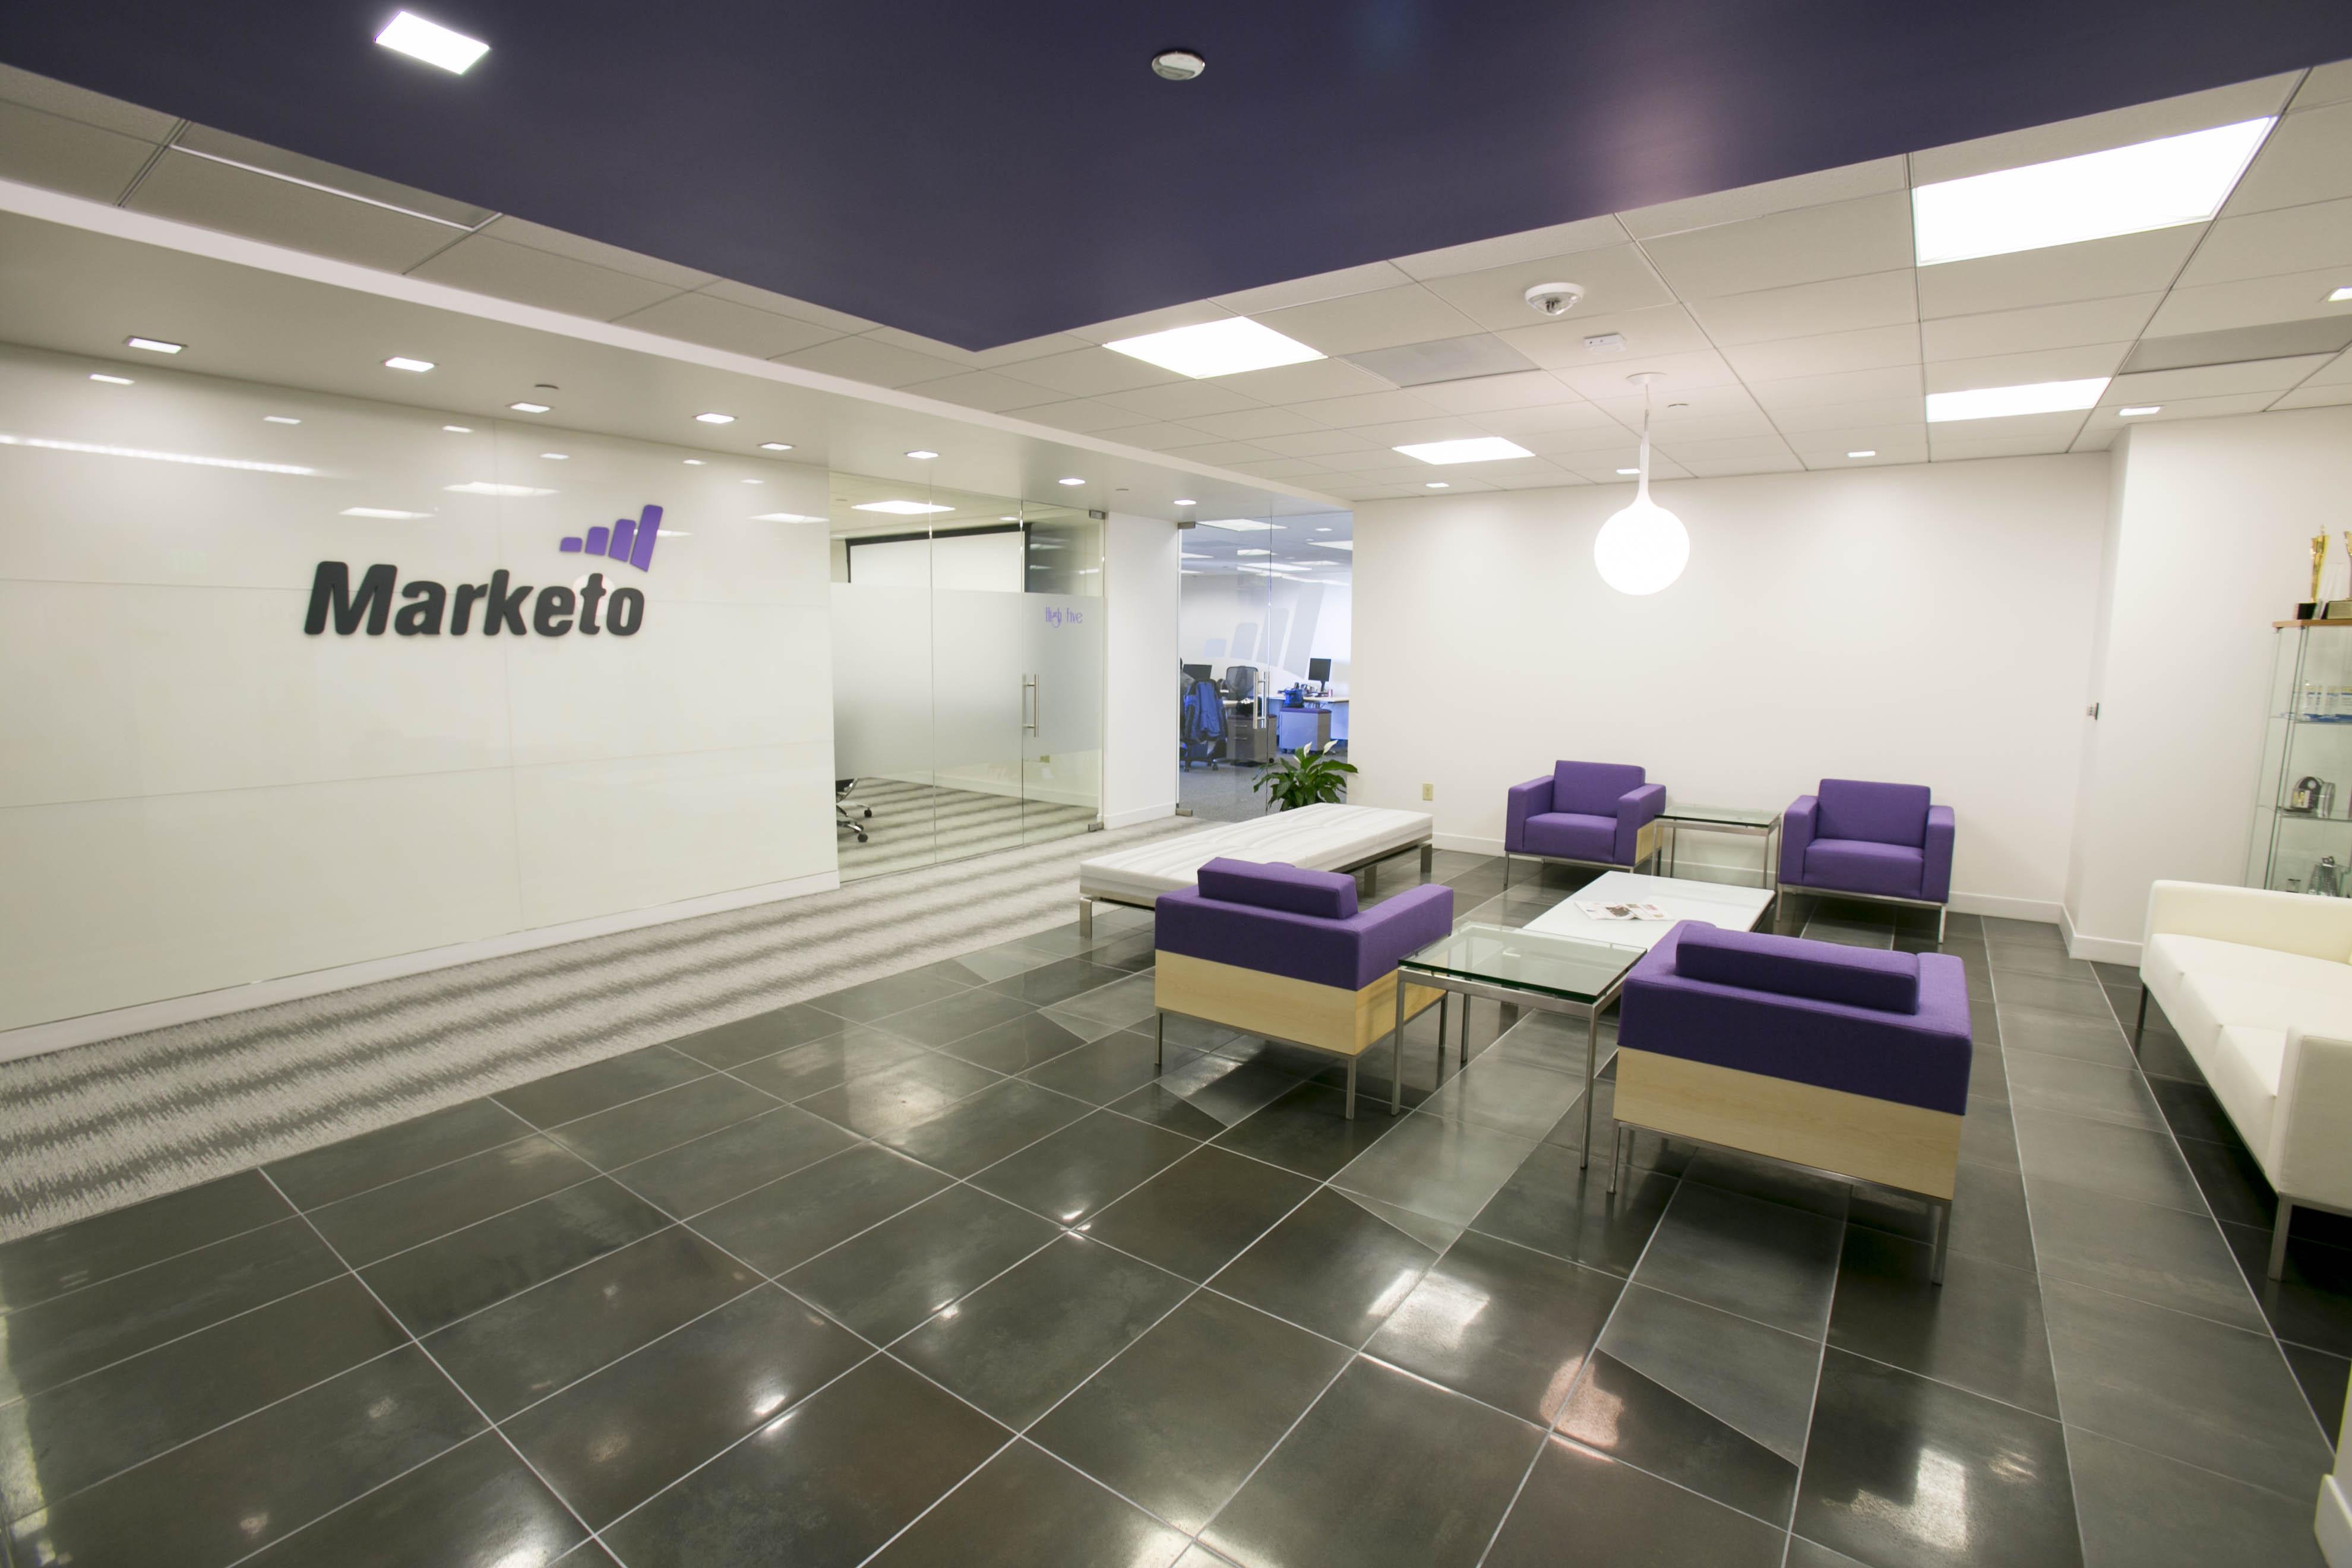 Adobe to acquire Marketo for $4.75 billion